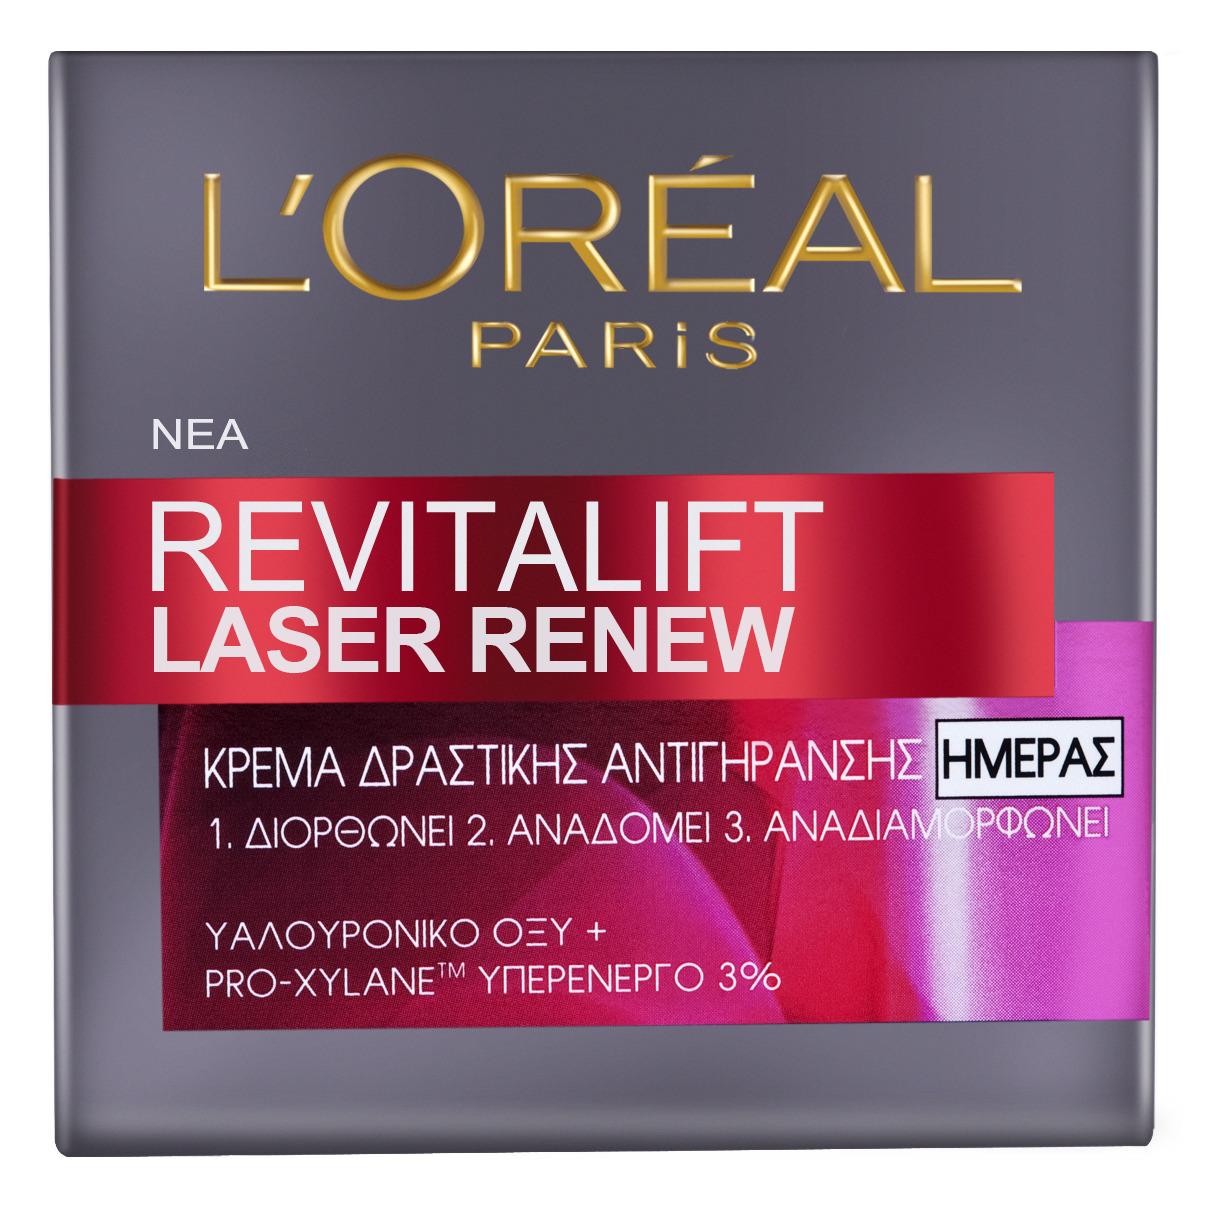 Κρέμα Ημέρας Revitalift Laser Renew L'Oreal (50 ml)